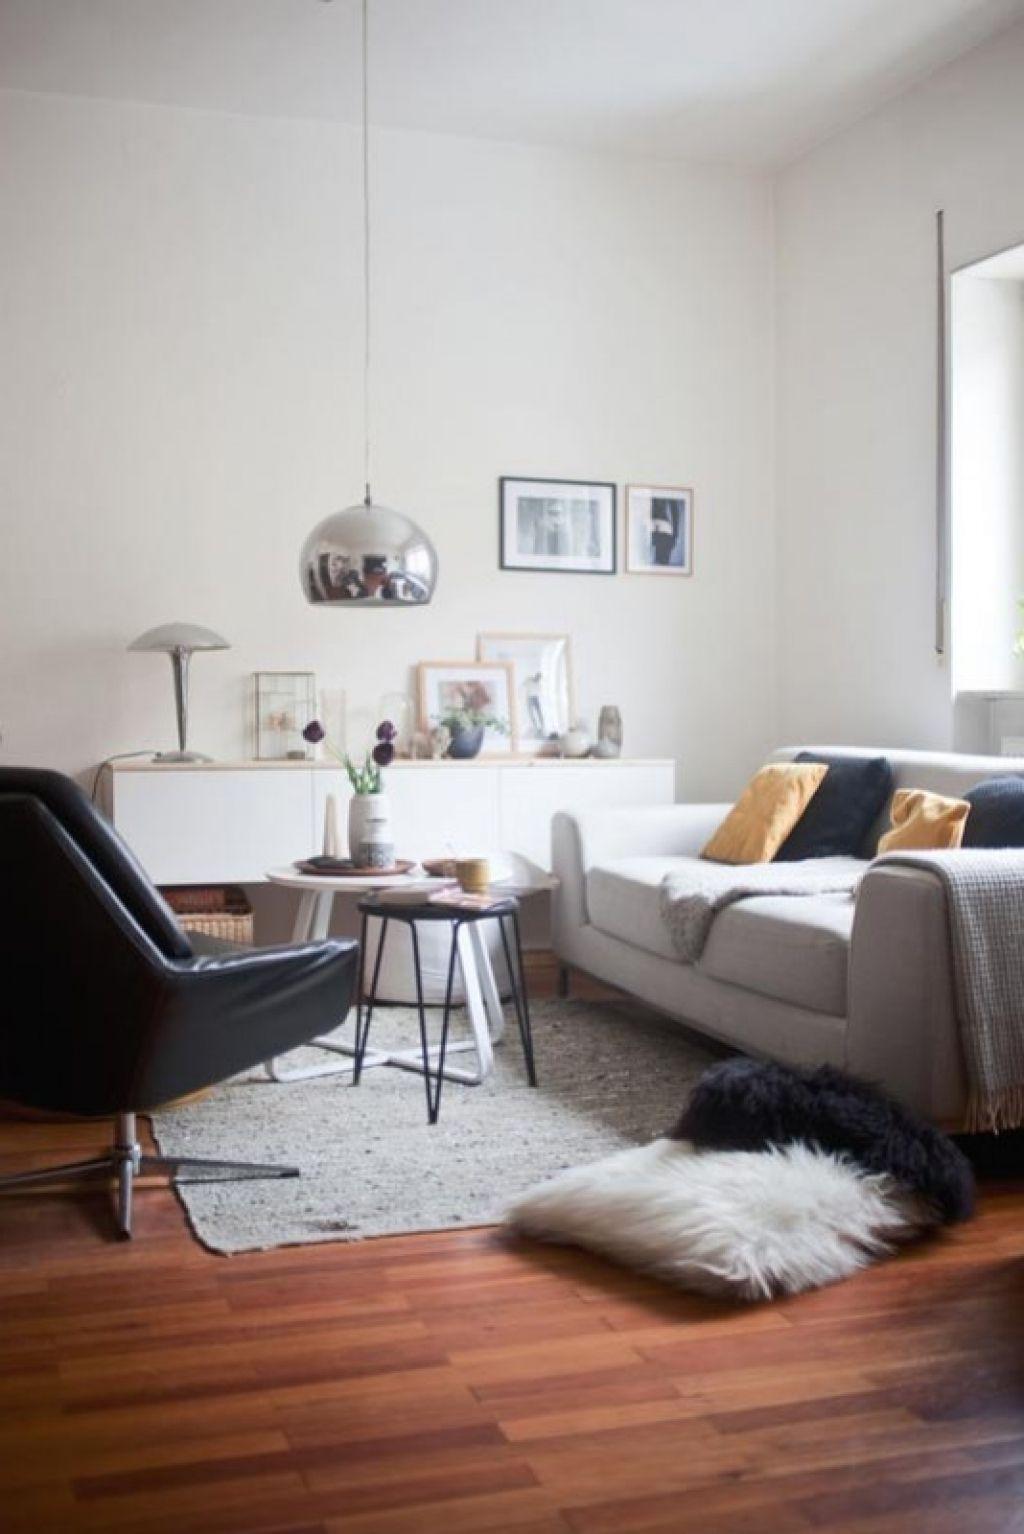 Wohnzimmer lampe modern beleuchtung meines wohnzimmers erklre mir wie wohnzimmer lampe modern - Wohnzimmer lampe modern ...